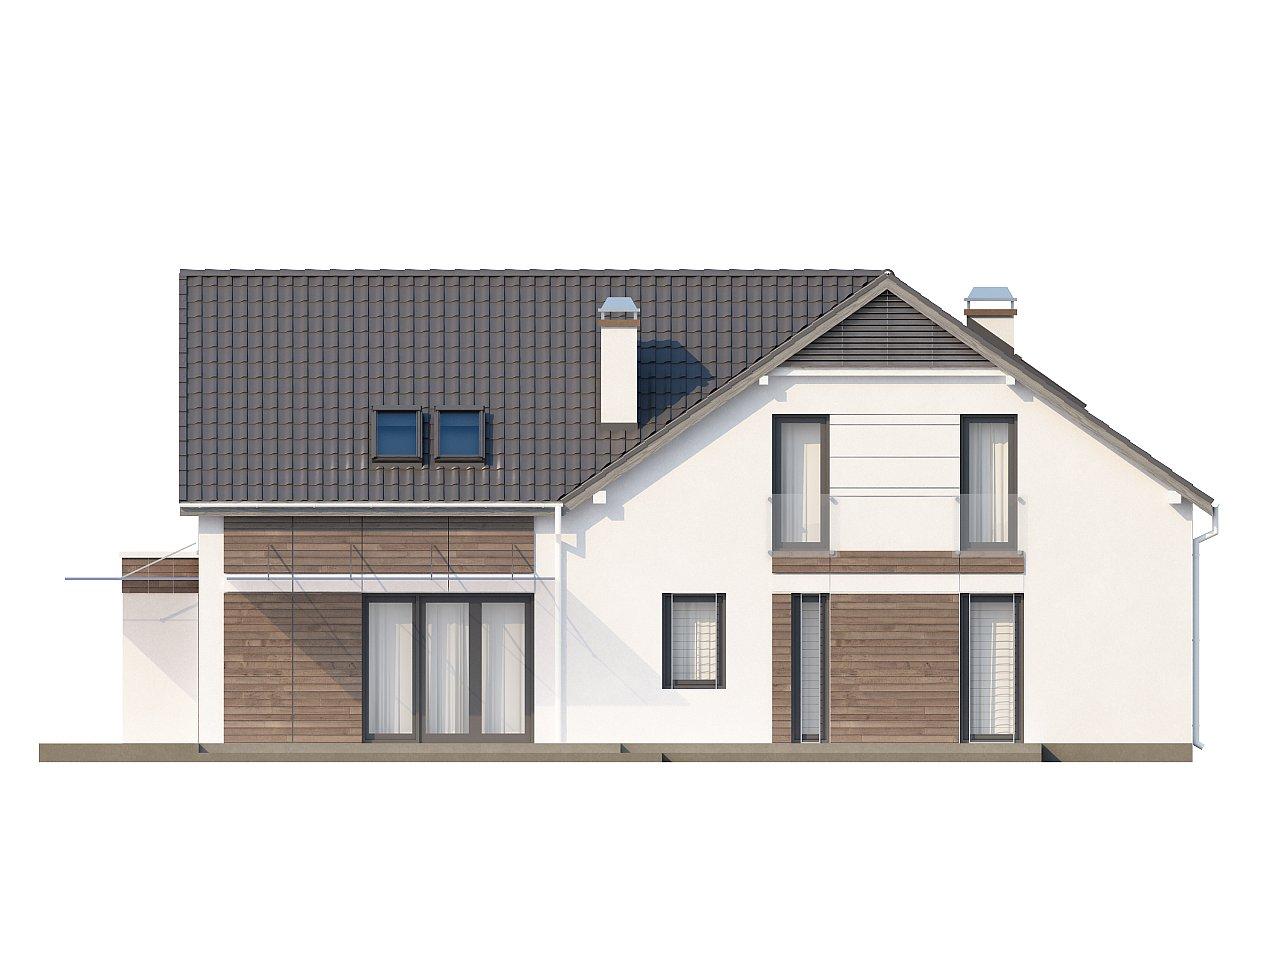 Просторный и комфортный дом с гаражом для двух автомобилей и угловым эркером. 4